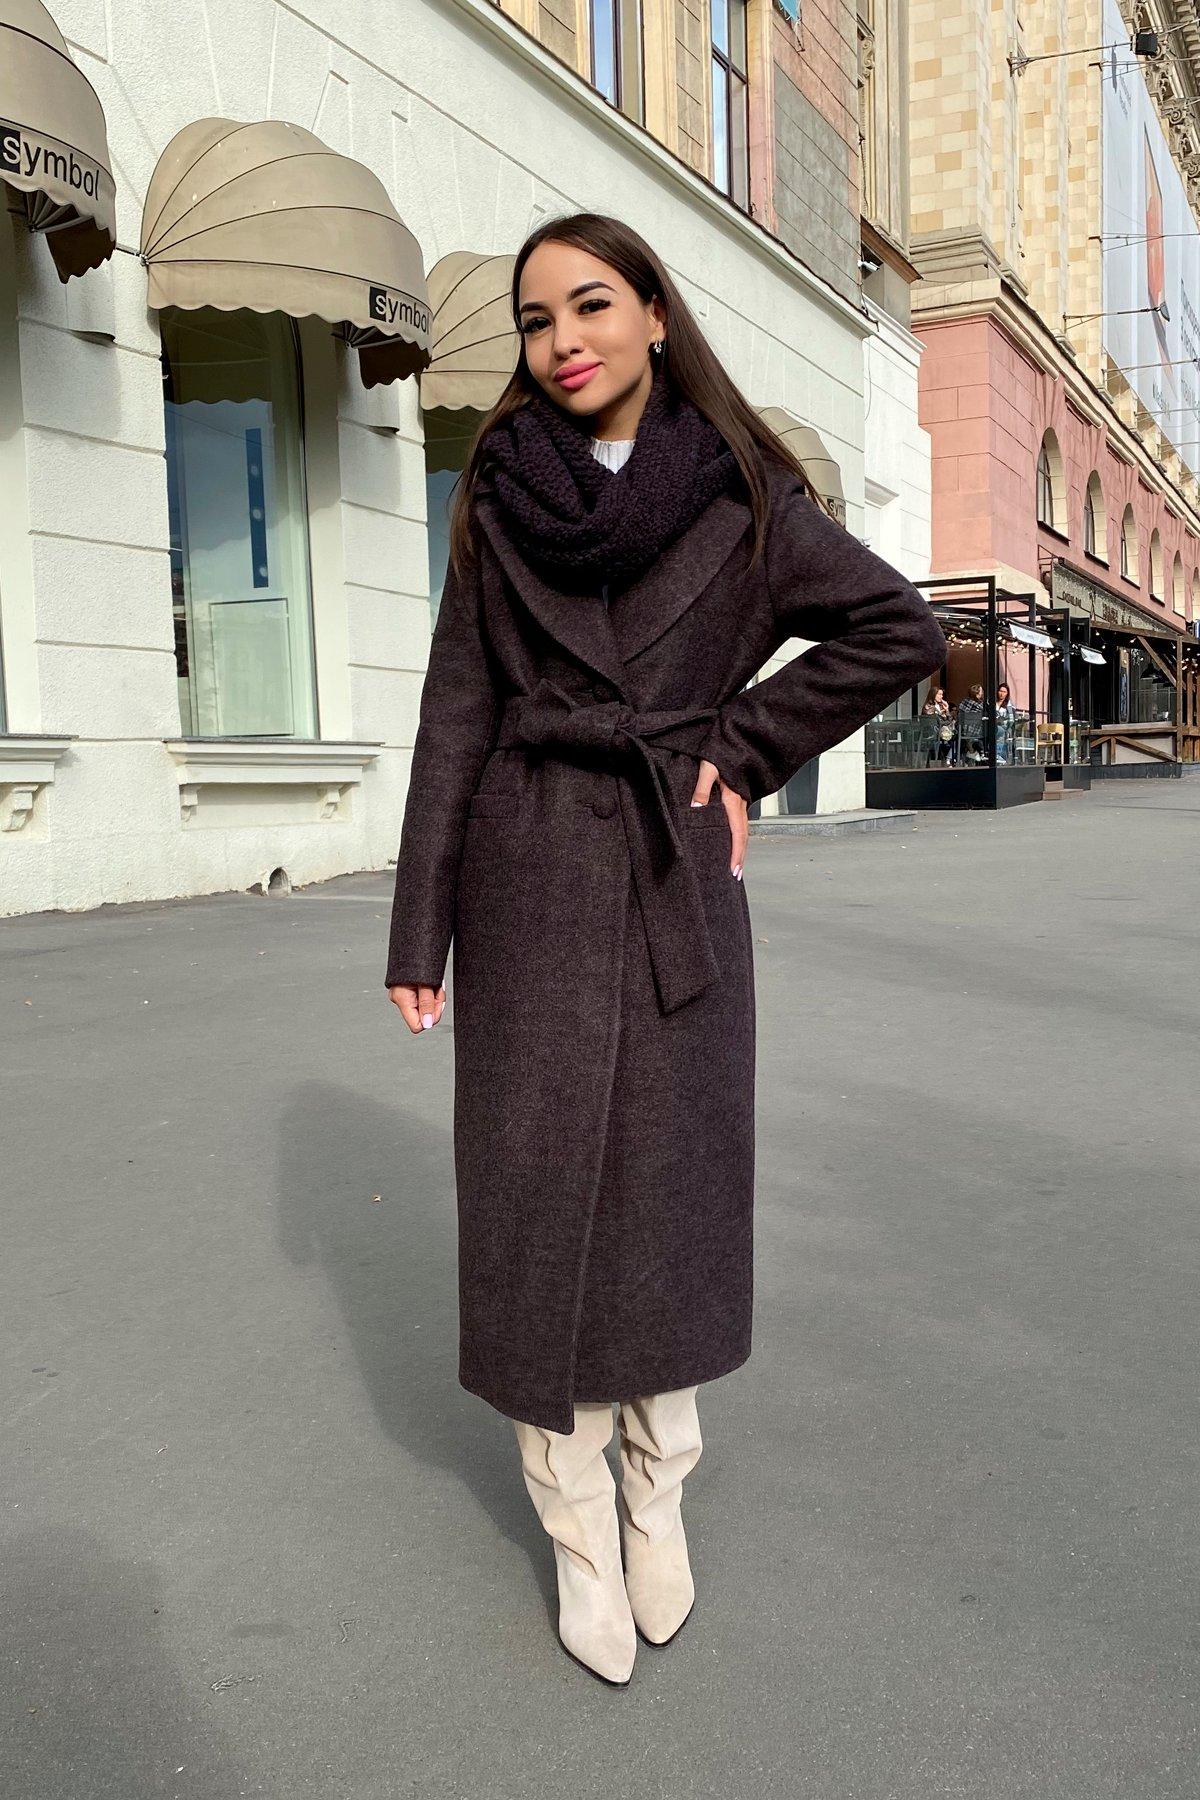 Длинное пальто зима Вива макси 8341 АРТ. 44495 Цвет: Шоколад 7 - фото 14, интернет магазин tm-modus.ru